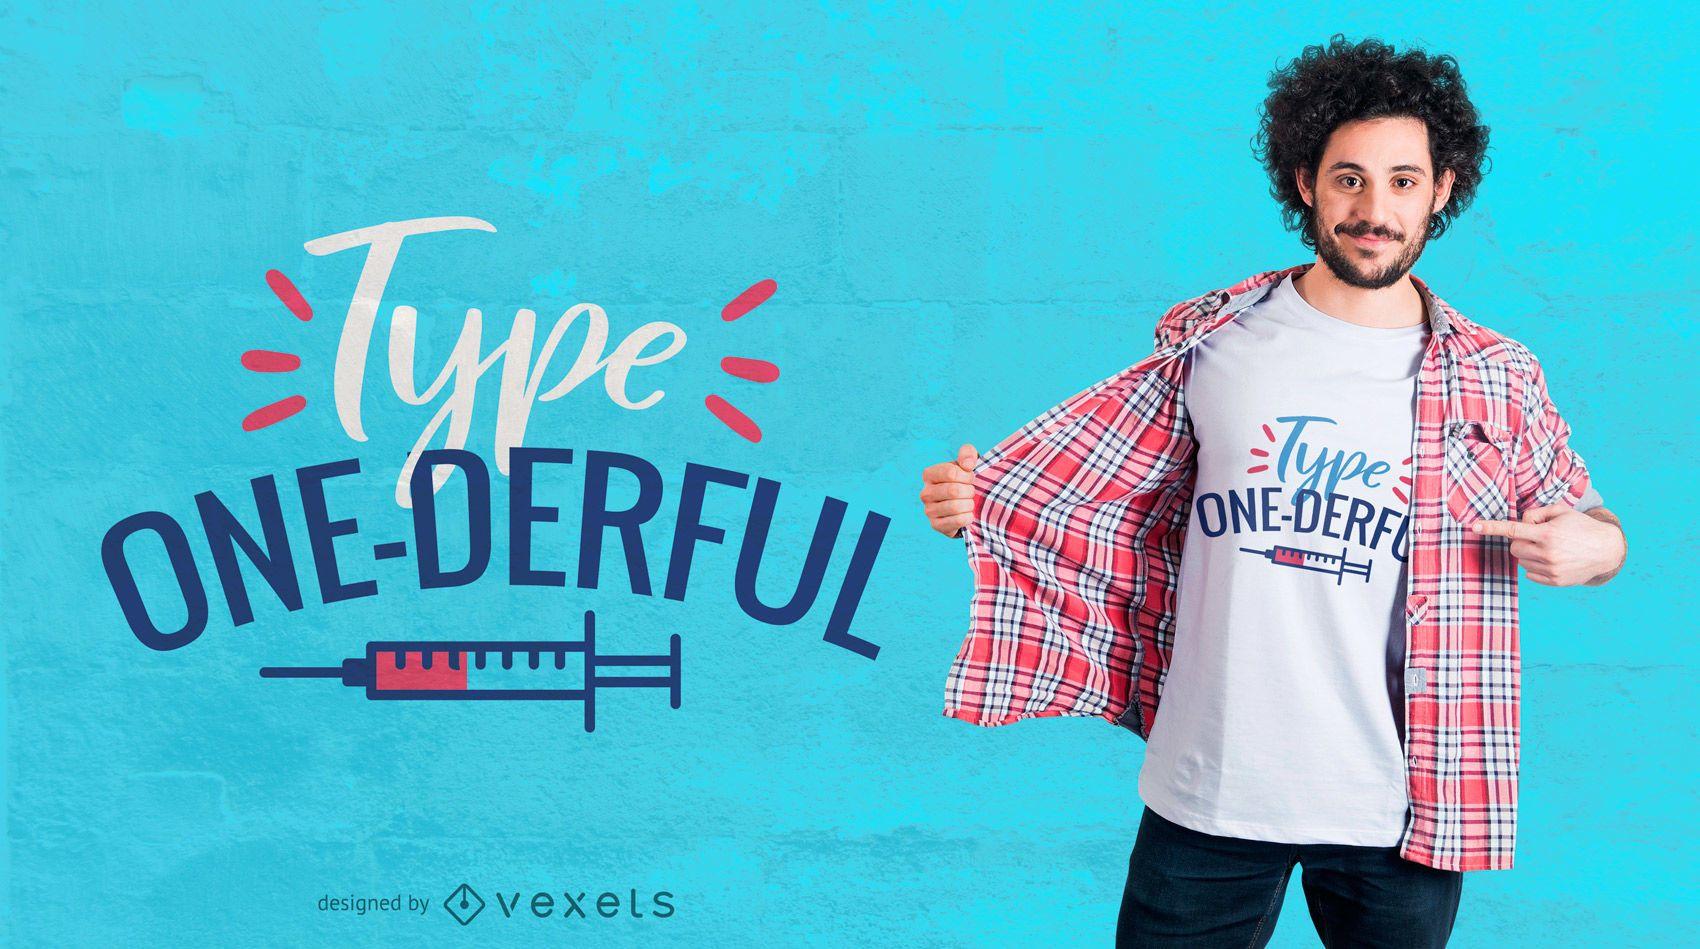 Digite o design exclusivo de uma camiseta